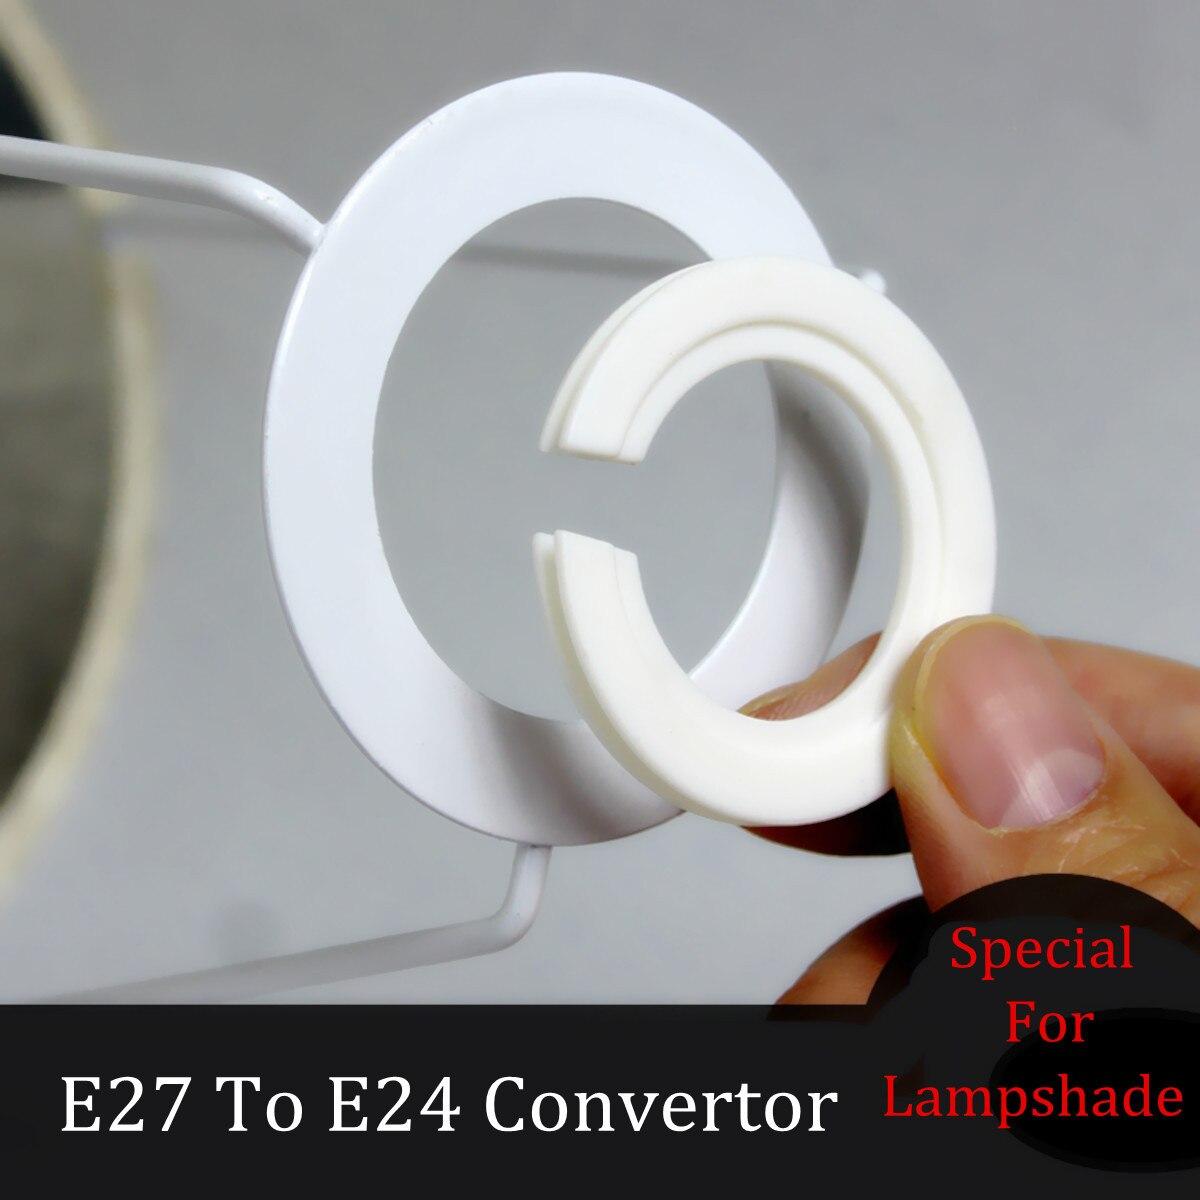 Abat-jour anneau adaptateur lampe abat-jour douille réduction anneau adaptateur rondelle pour E27 à E14 abat-jour accessoires